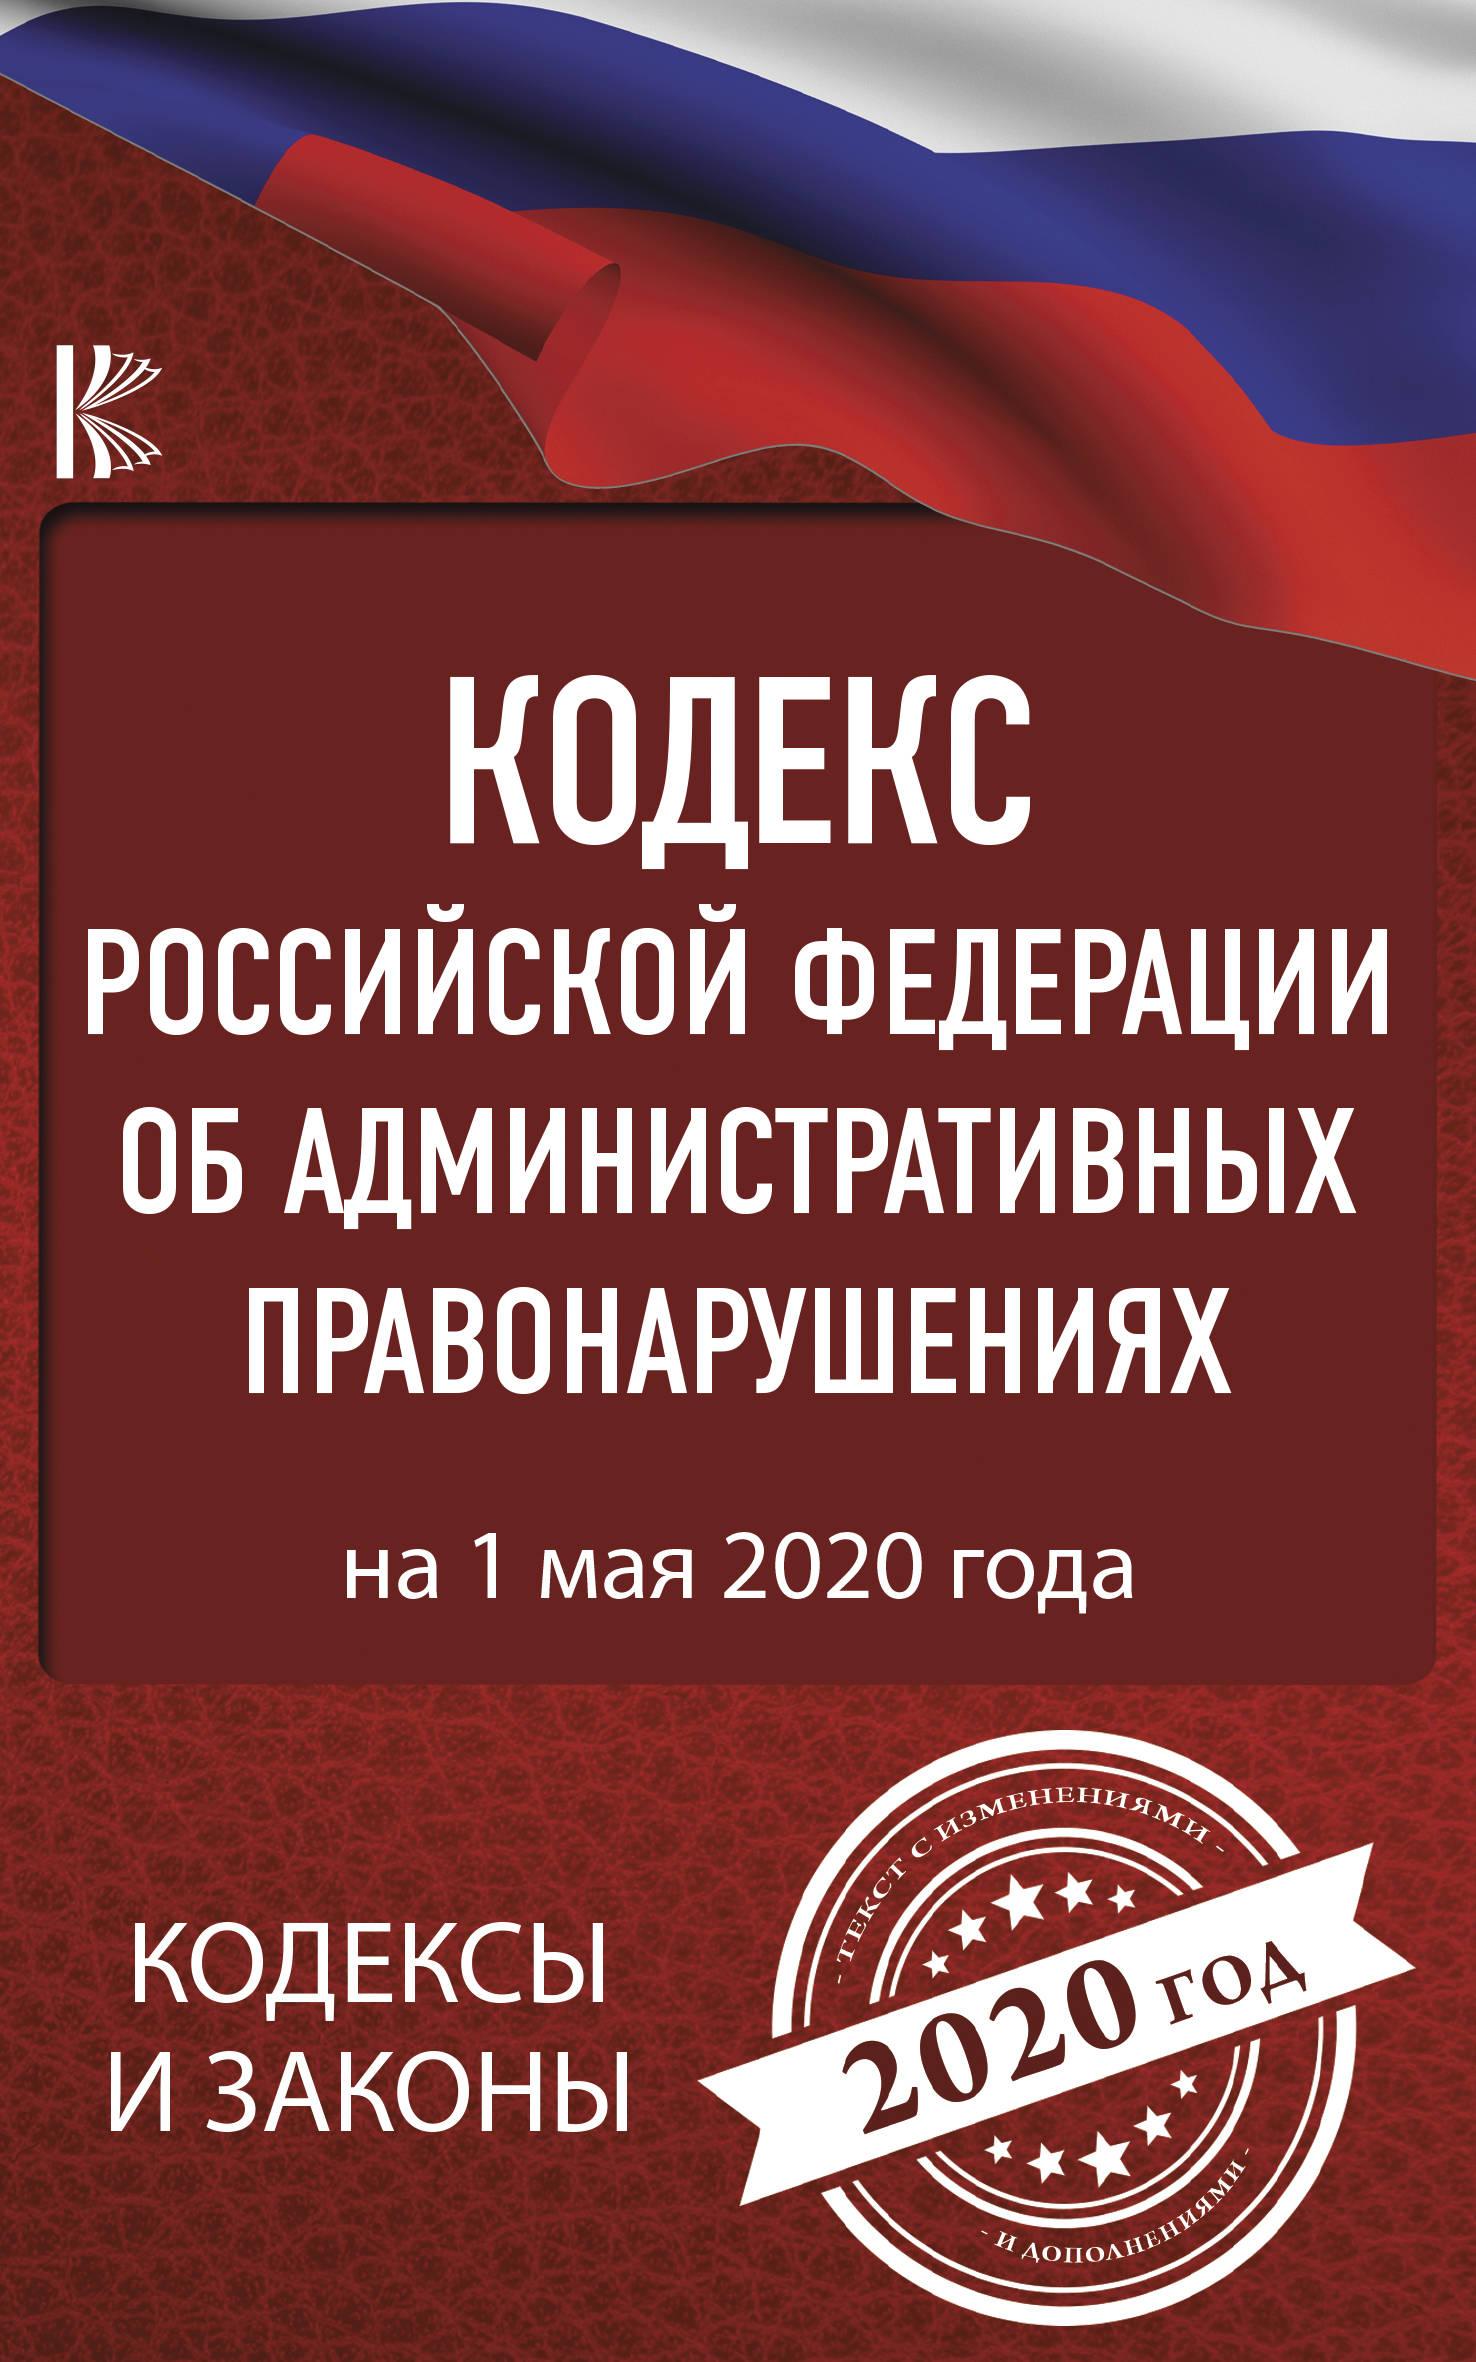 Kodeks Rossijskoj Federatsii ob administrativnykh pravonarushenijakh na 1 maja 2020 goda